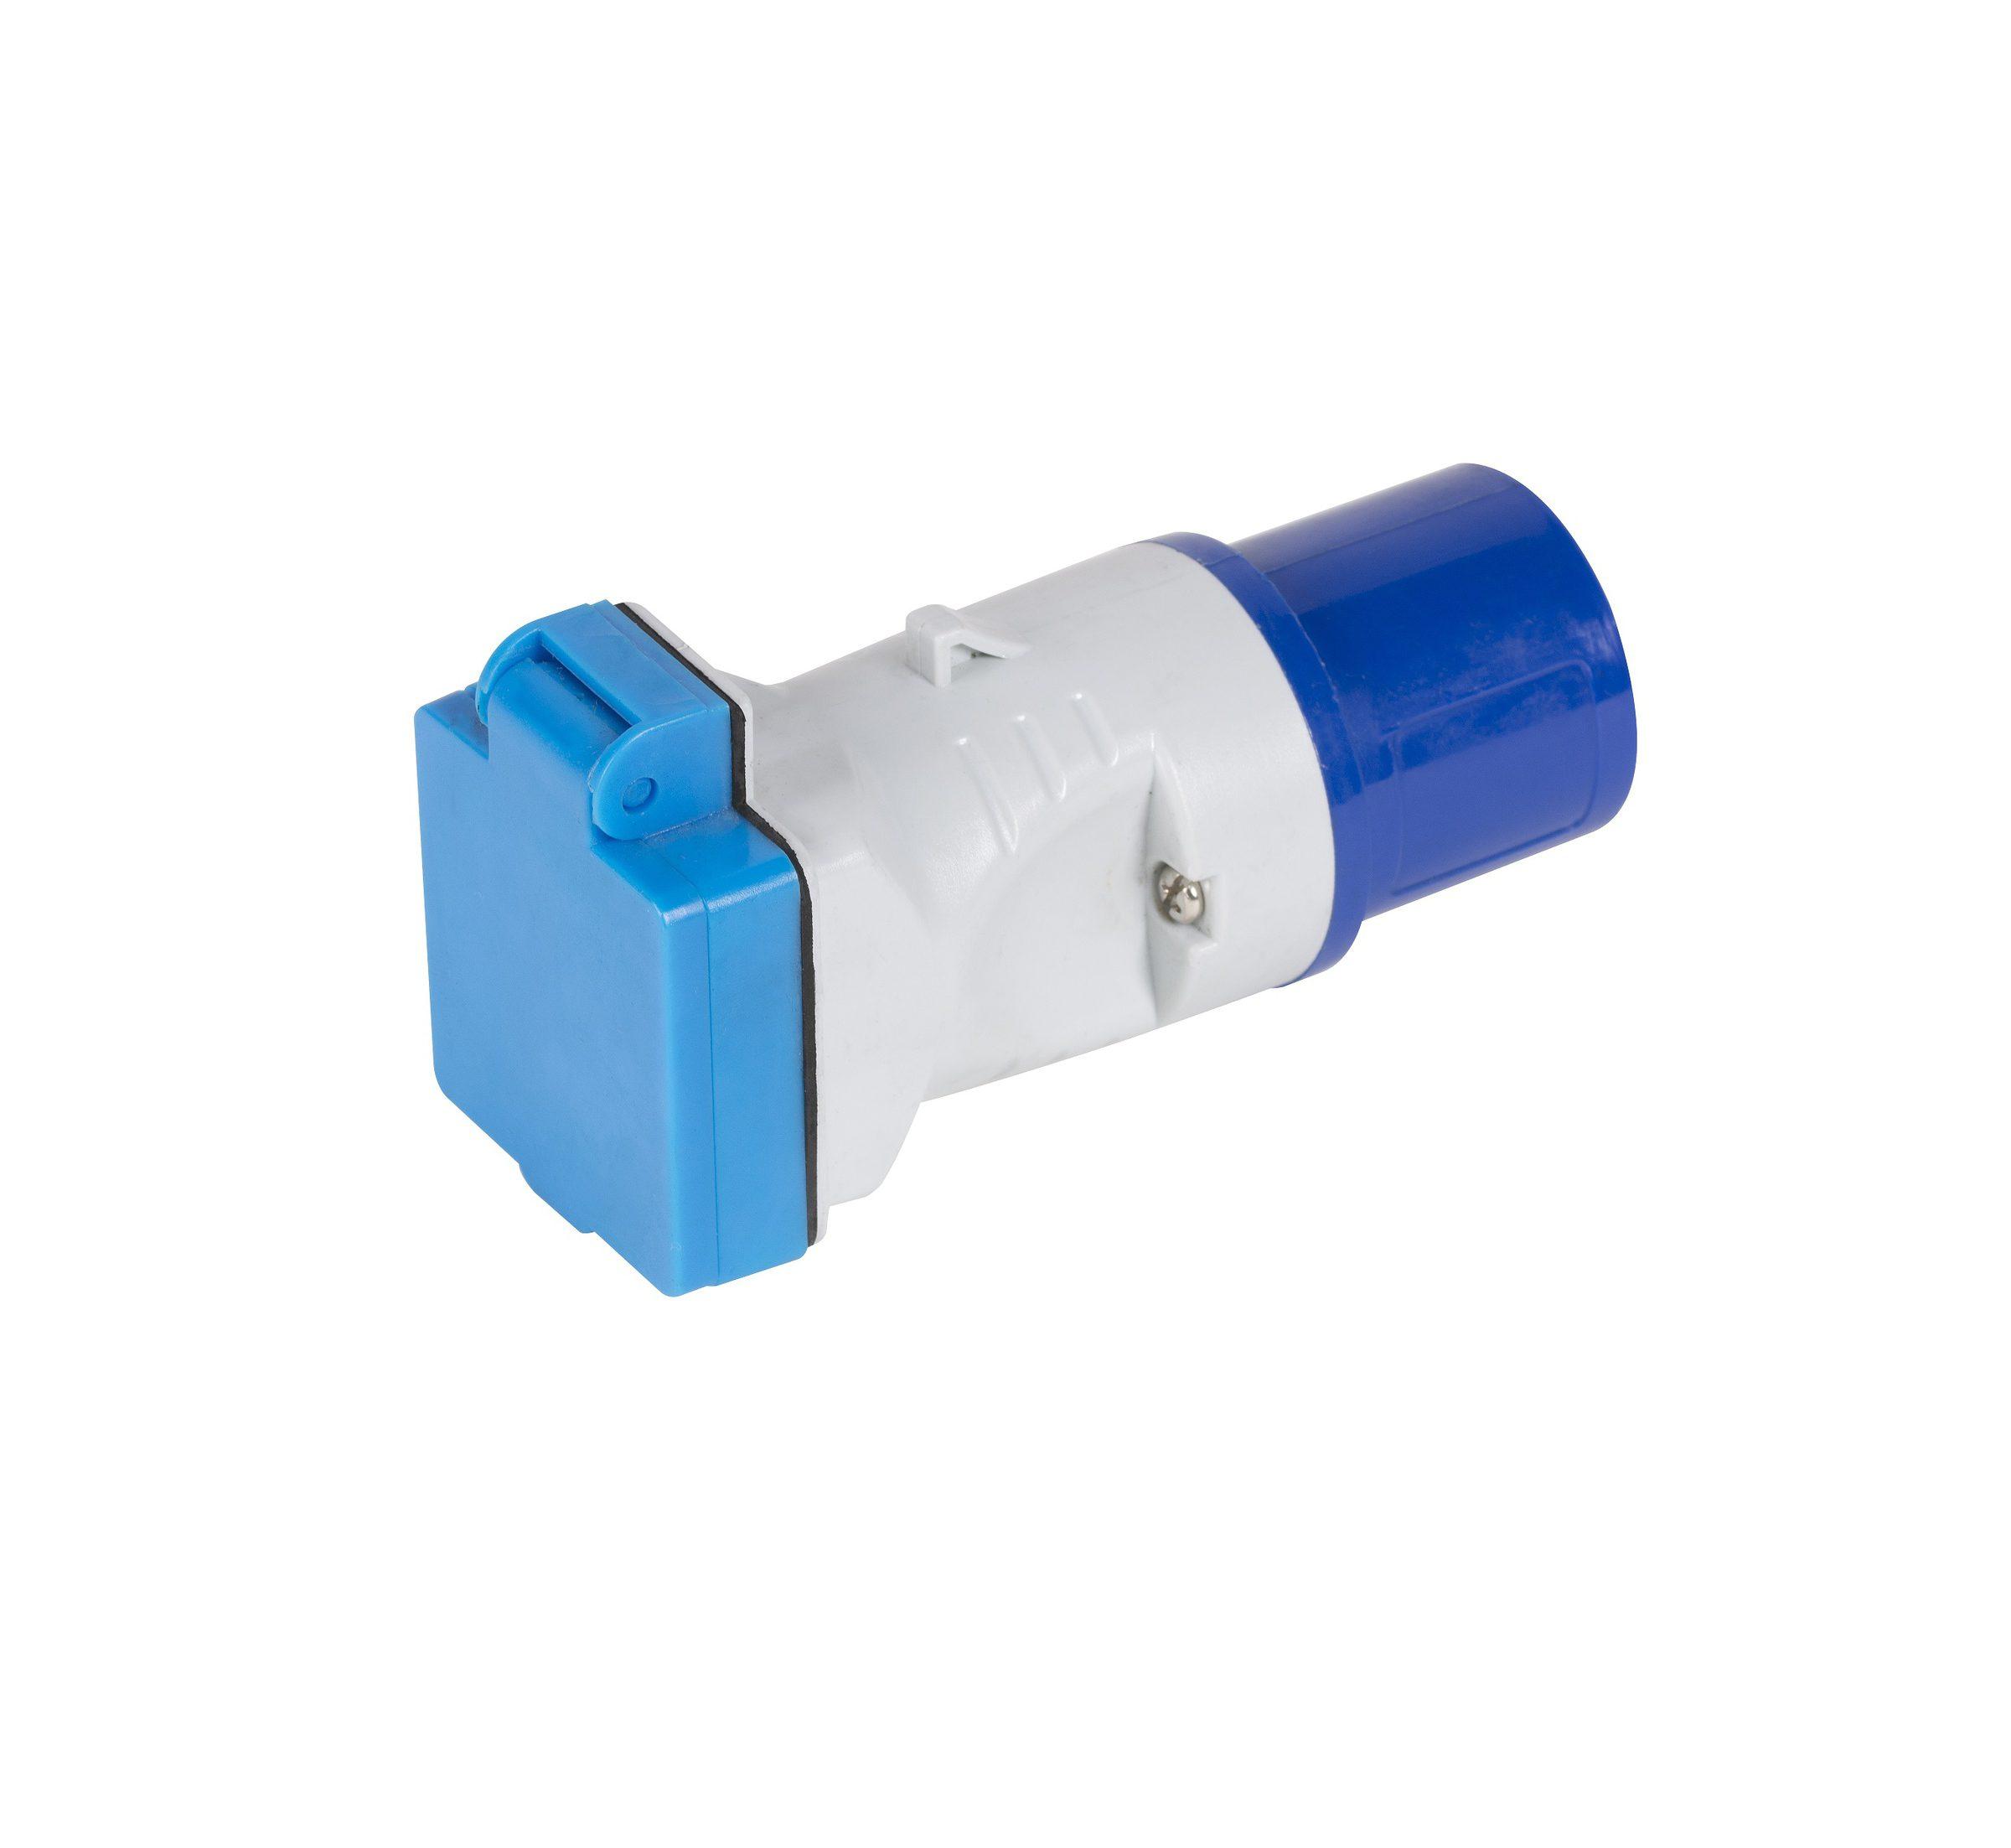 Kampa Mains 3 Pin Socket Adaptor - ME0302